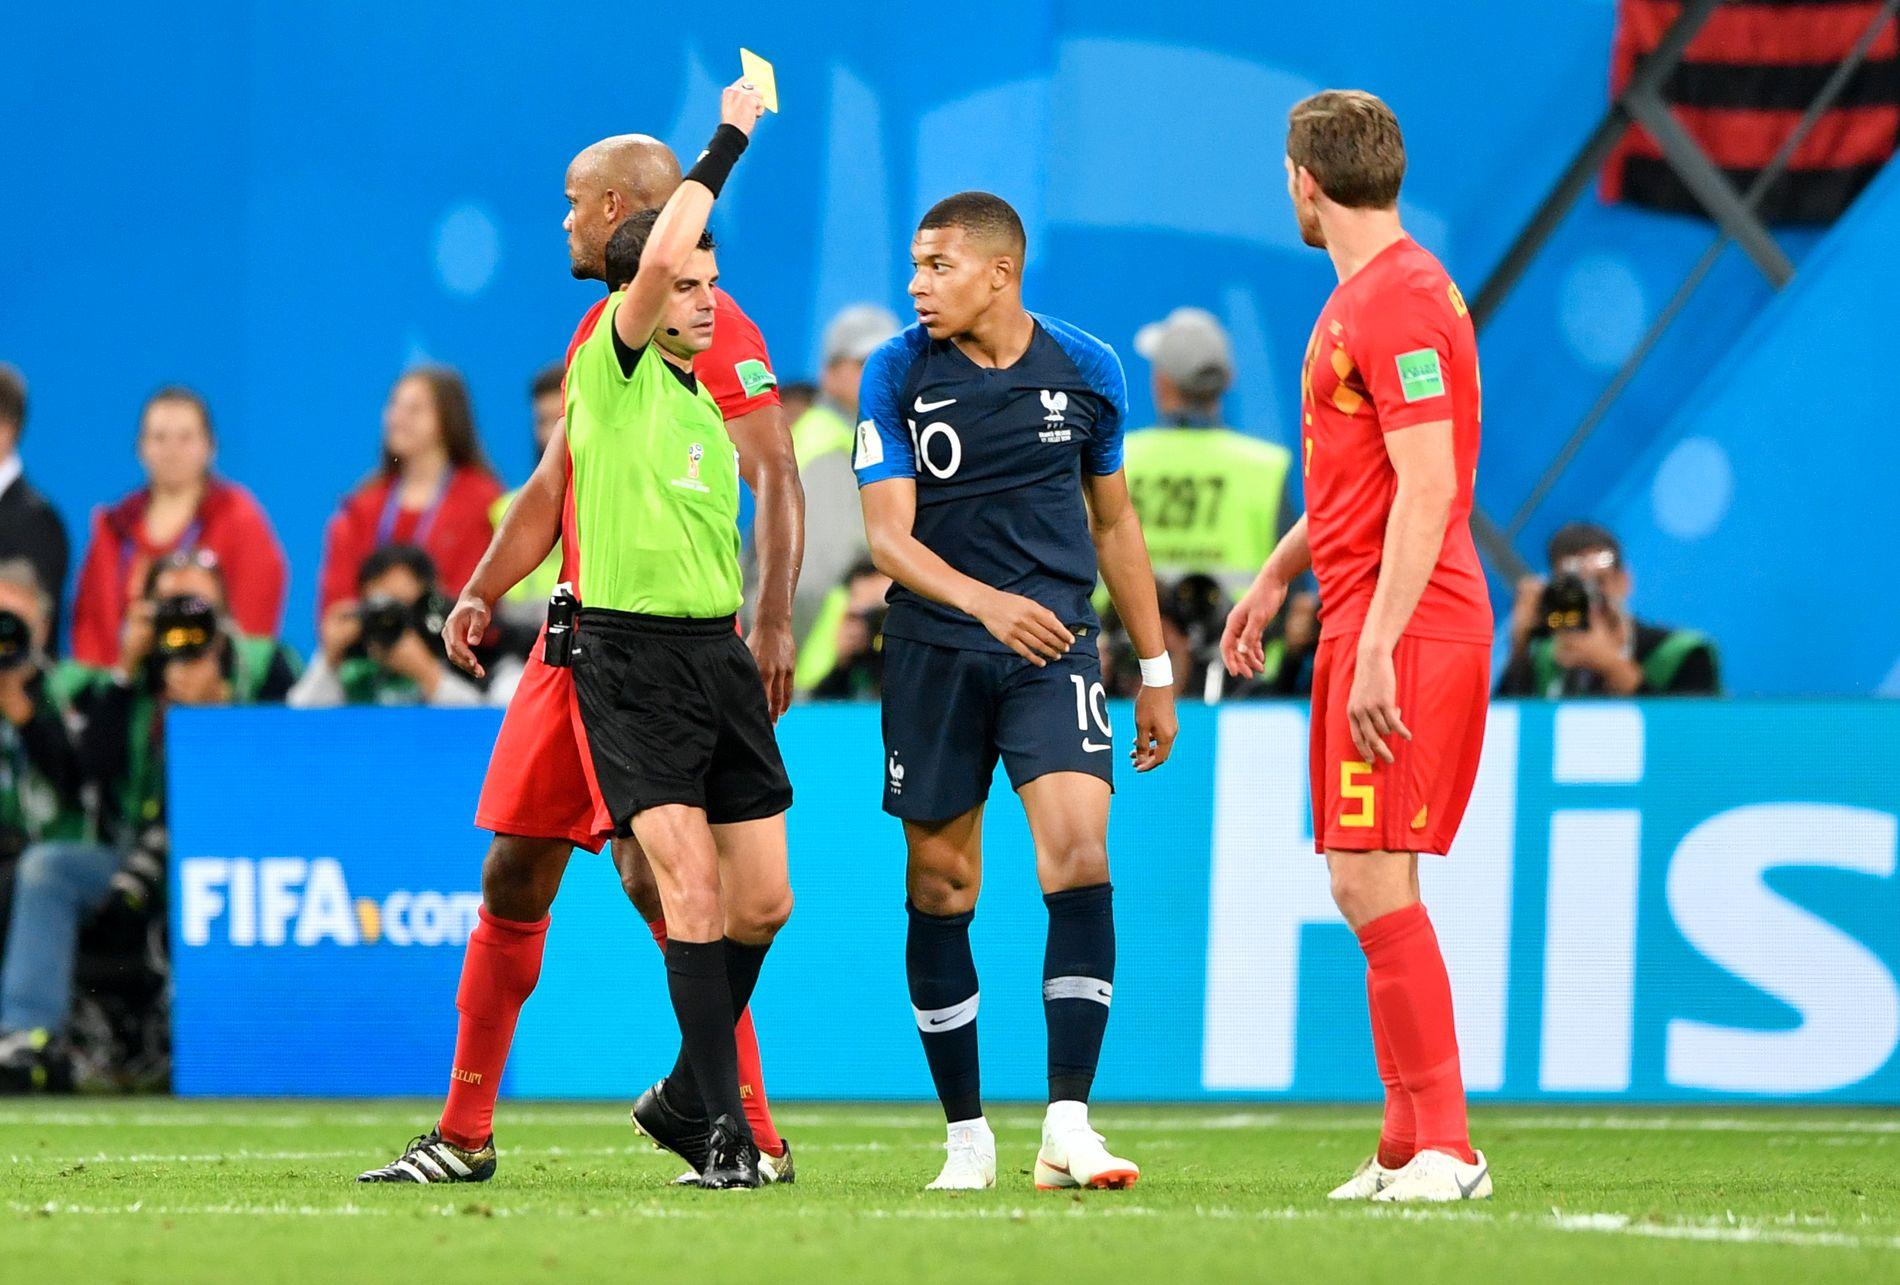 FIKK GULT: Kylian Mbappé fikk gult kort på tampen av kampen mot Belgia etter å ha tatt med seg ballen da belgierne fikk frispark.